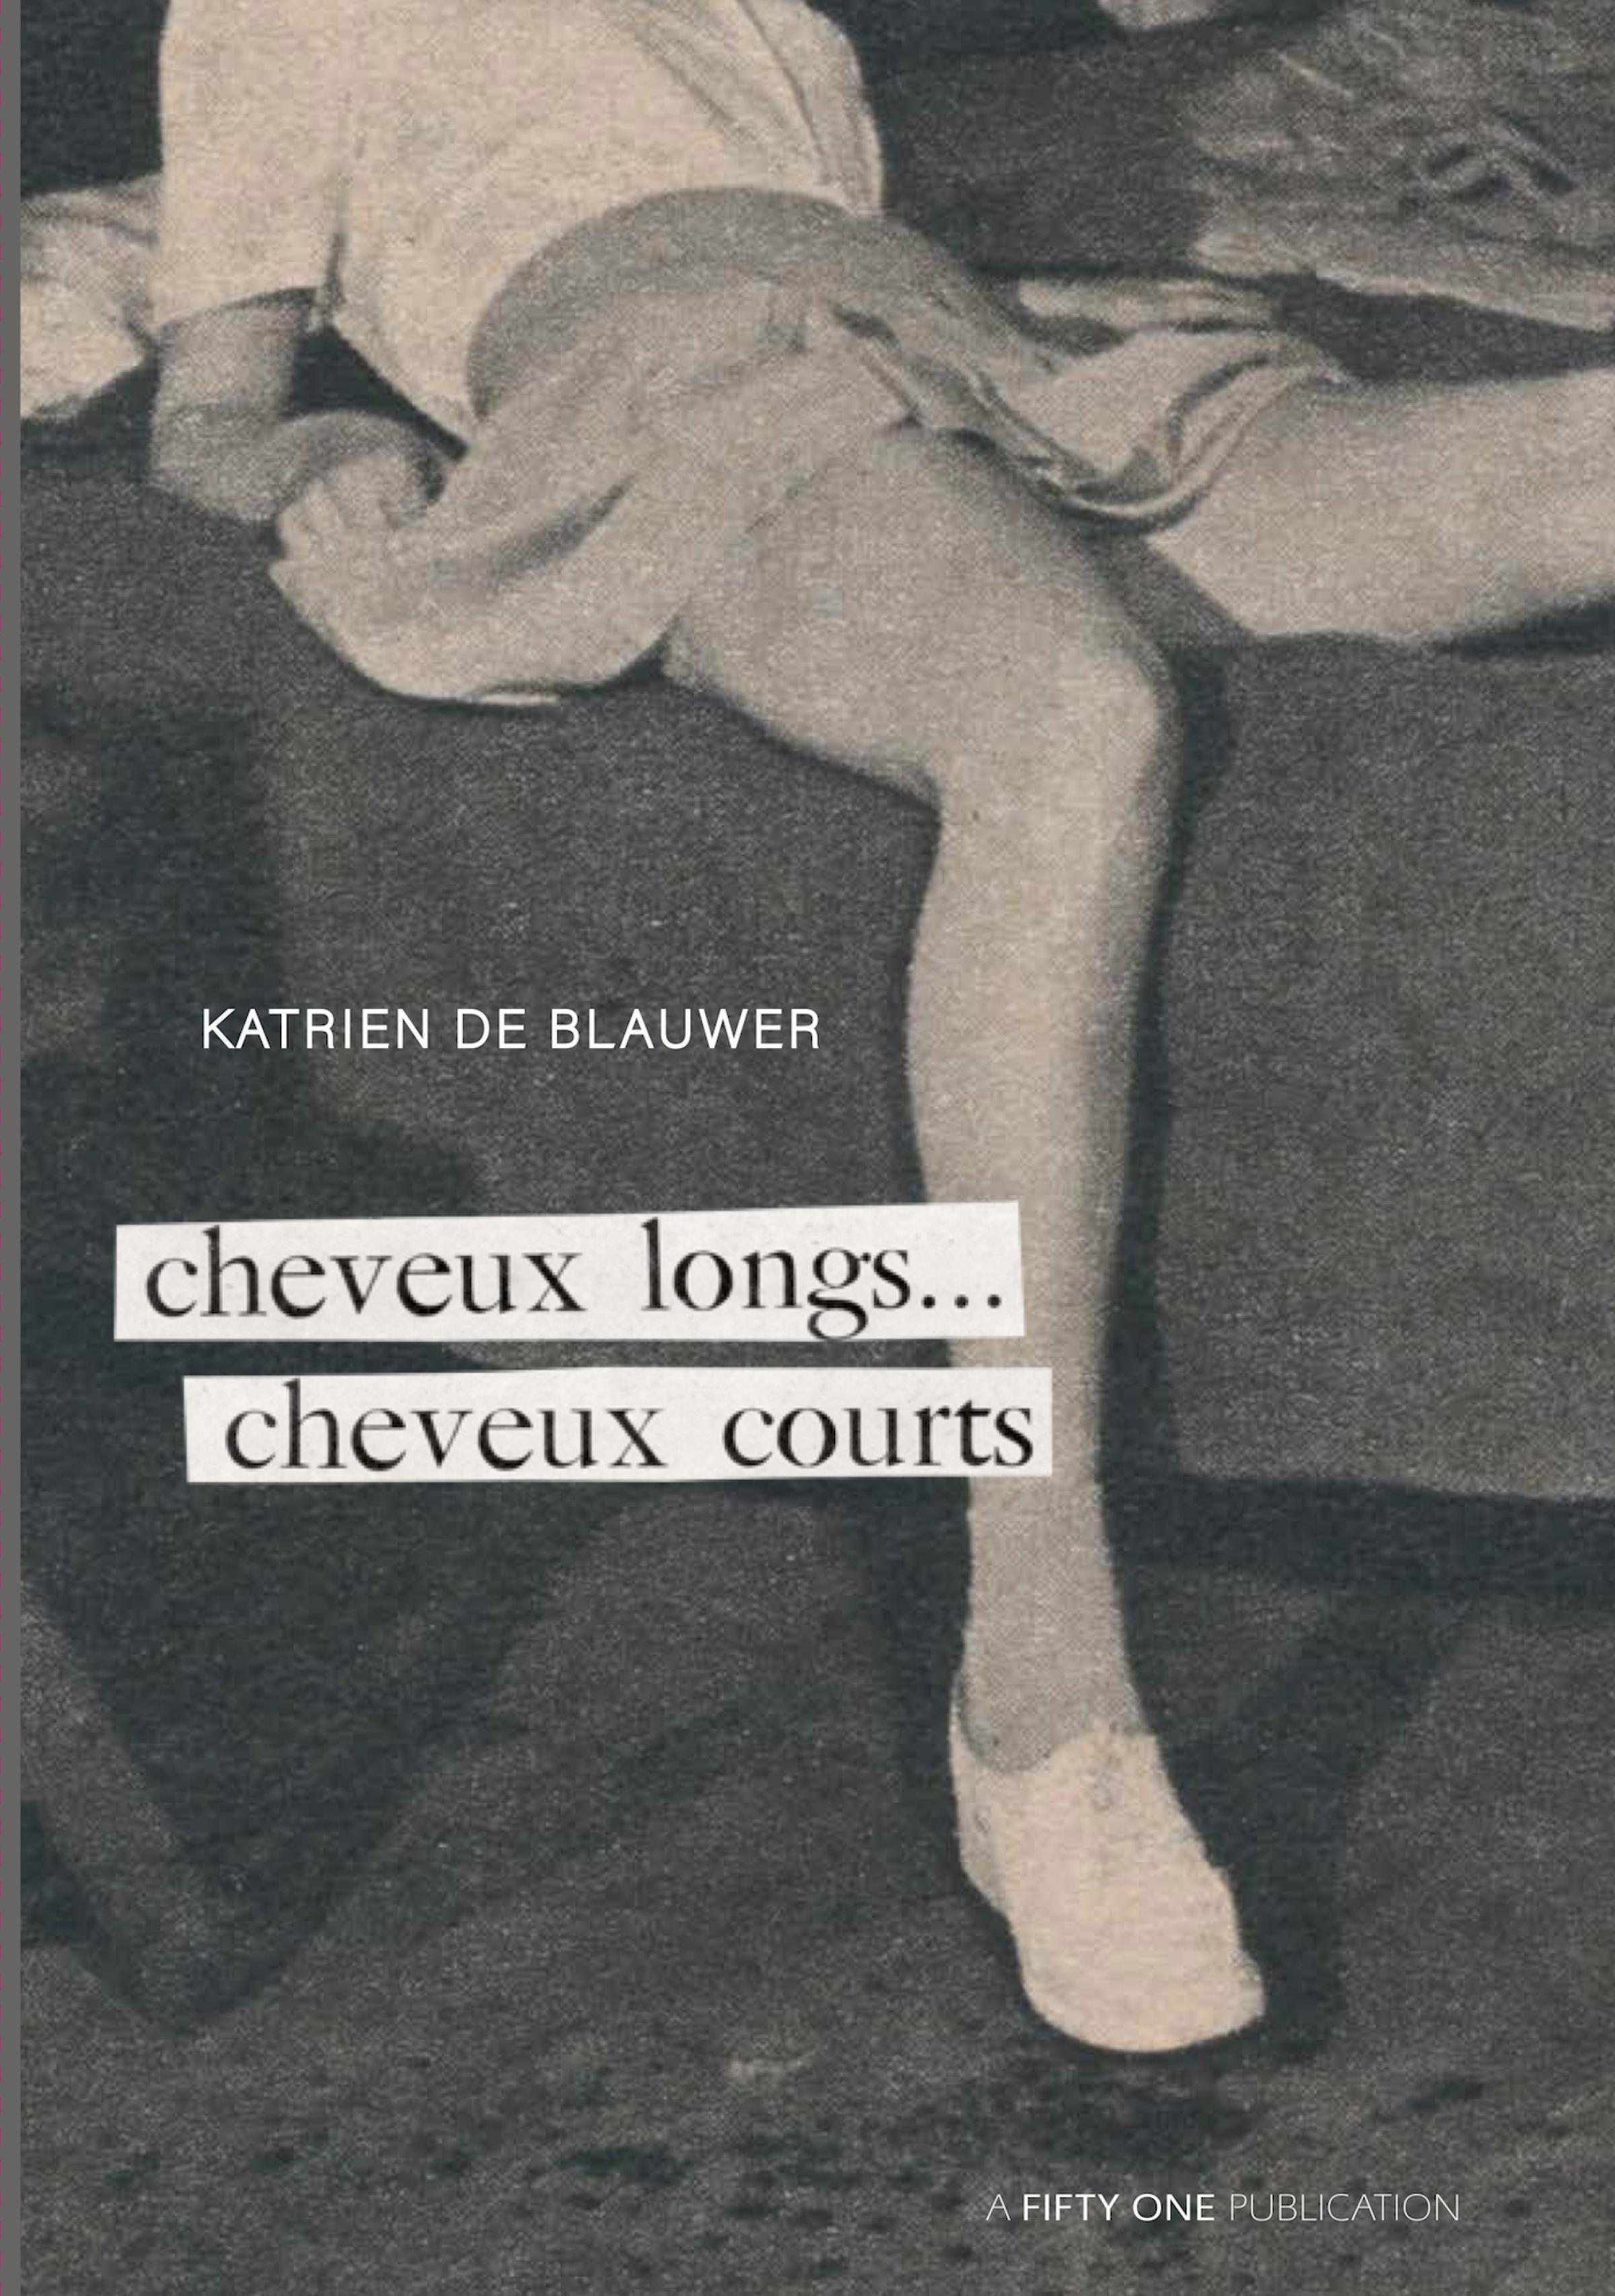 Katrien De Blauwer: CHEVEUX LONGS... CHEVEUX COURTS